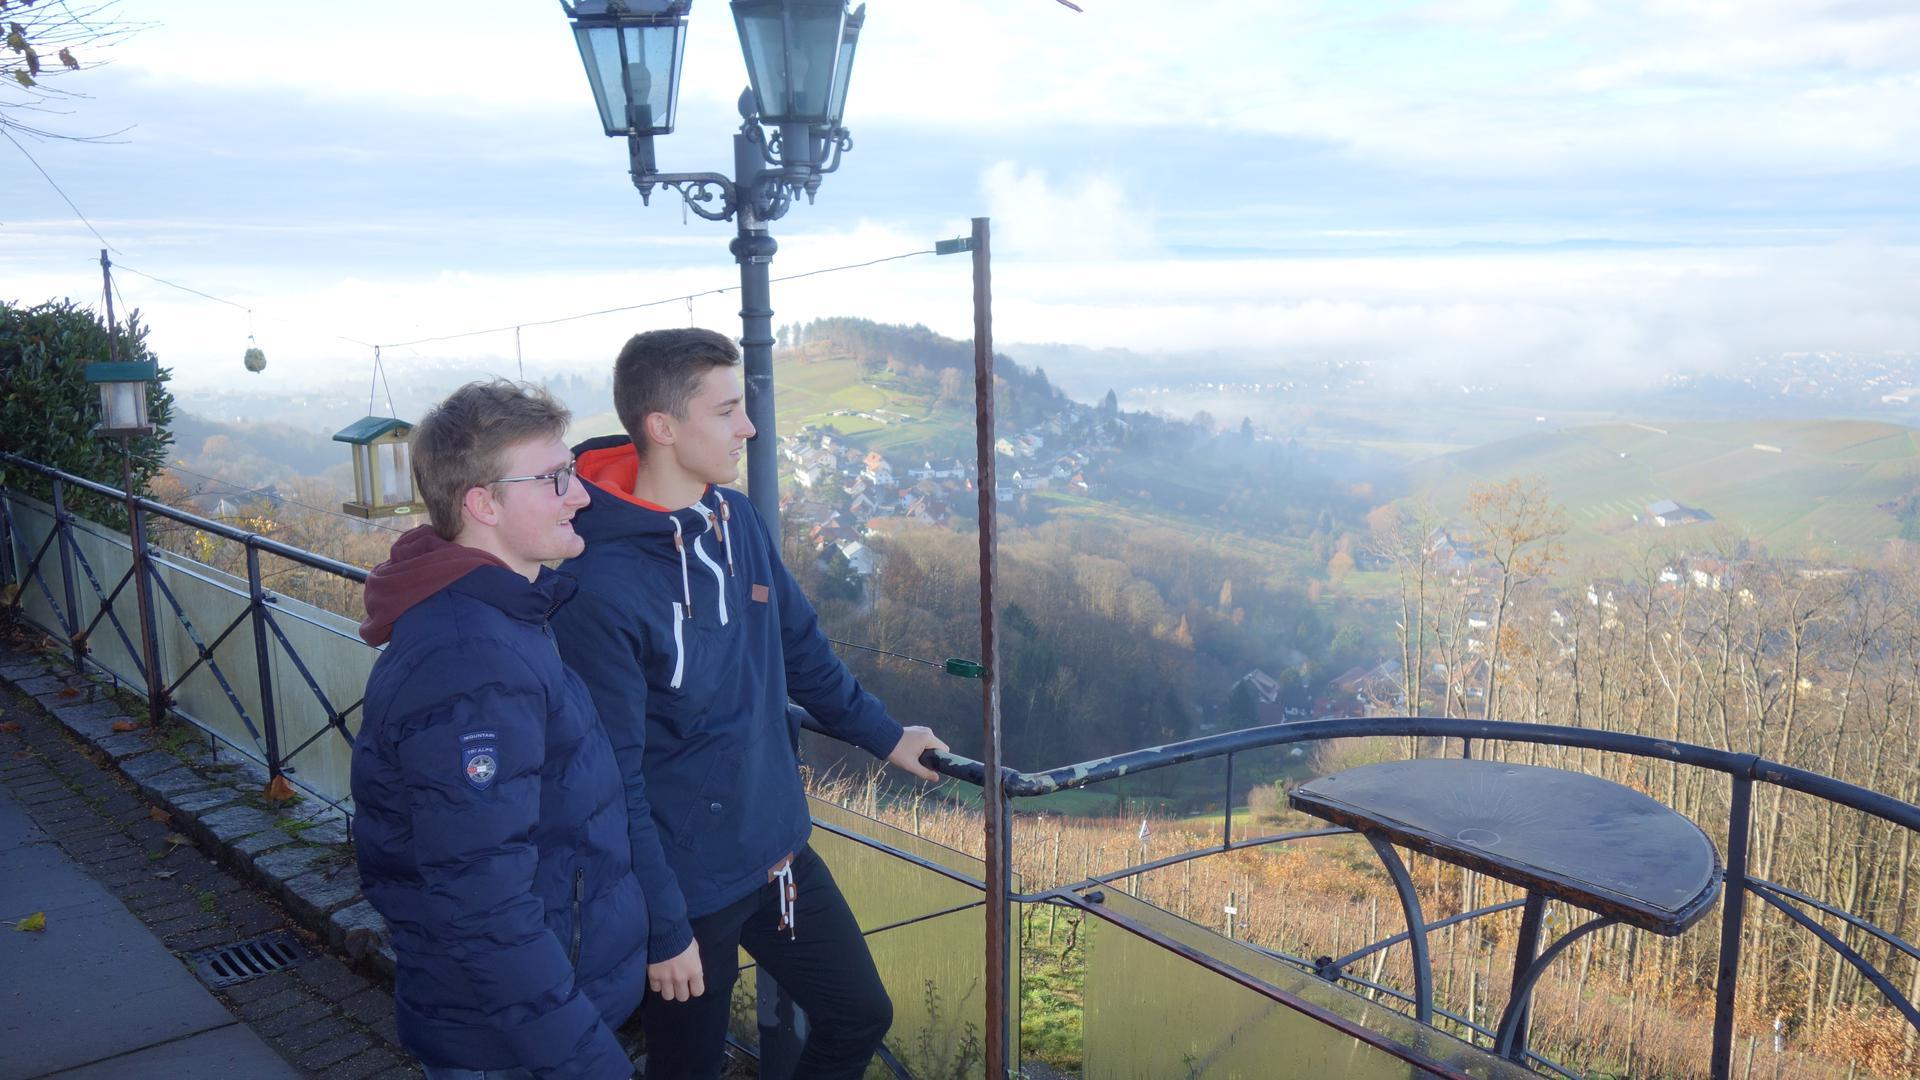 Bühl im Visier: Viele Beispiele zum Thema Nachhaltigkeit in Bühl zeigen Jonathan Bertele (links) und Alexander Lienhart auf. Schüler des Windeck-Gymnasiums haben damit einen Nachhaltigkeitspfad konzipiert.